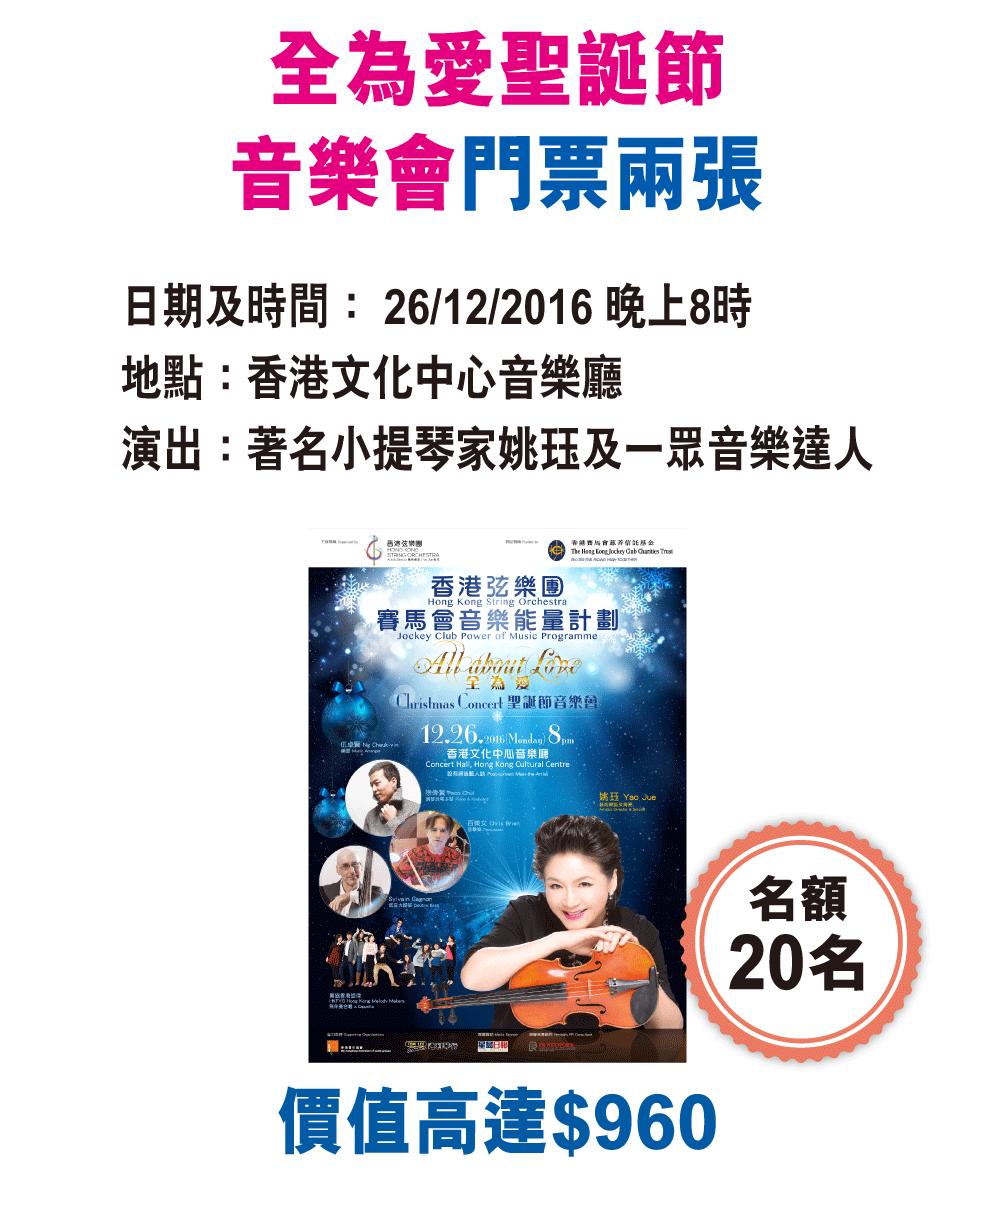 送價值高達$960香港弦樂團「全為愛聖誕節音樂會」門票